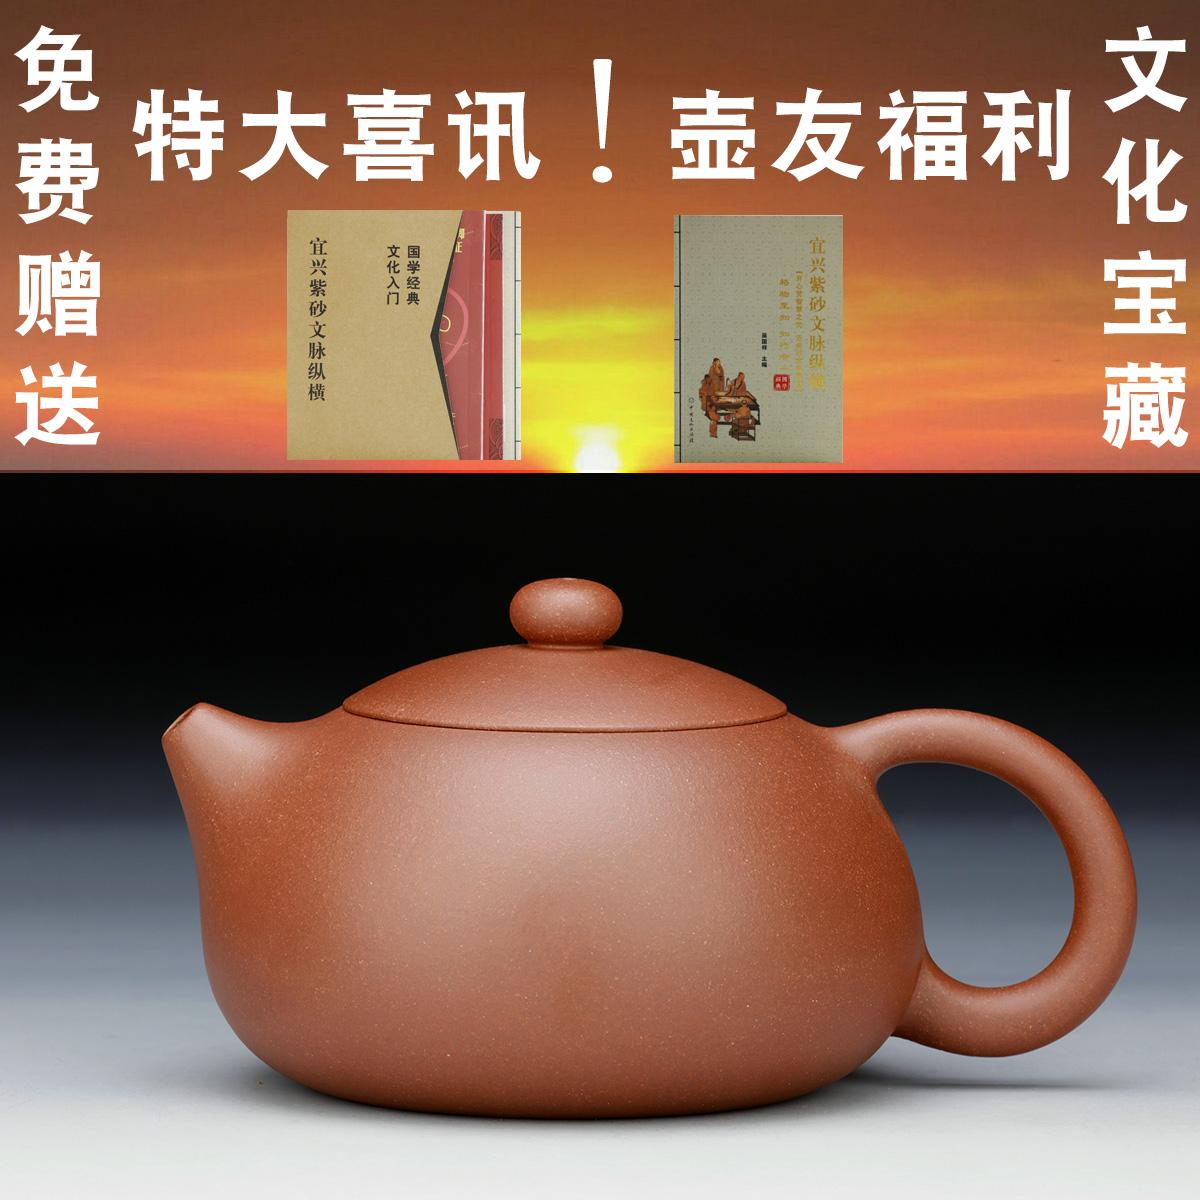 重霄堂02号底槽清吴国祥 品牌力量 宜兴紫砂壶西施壶紫砂茶壶250c